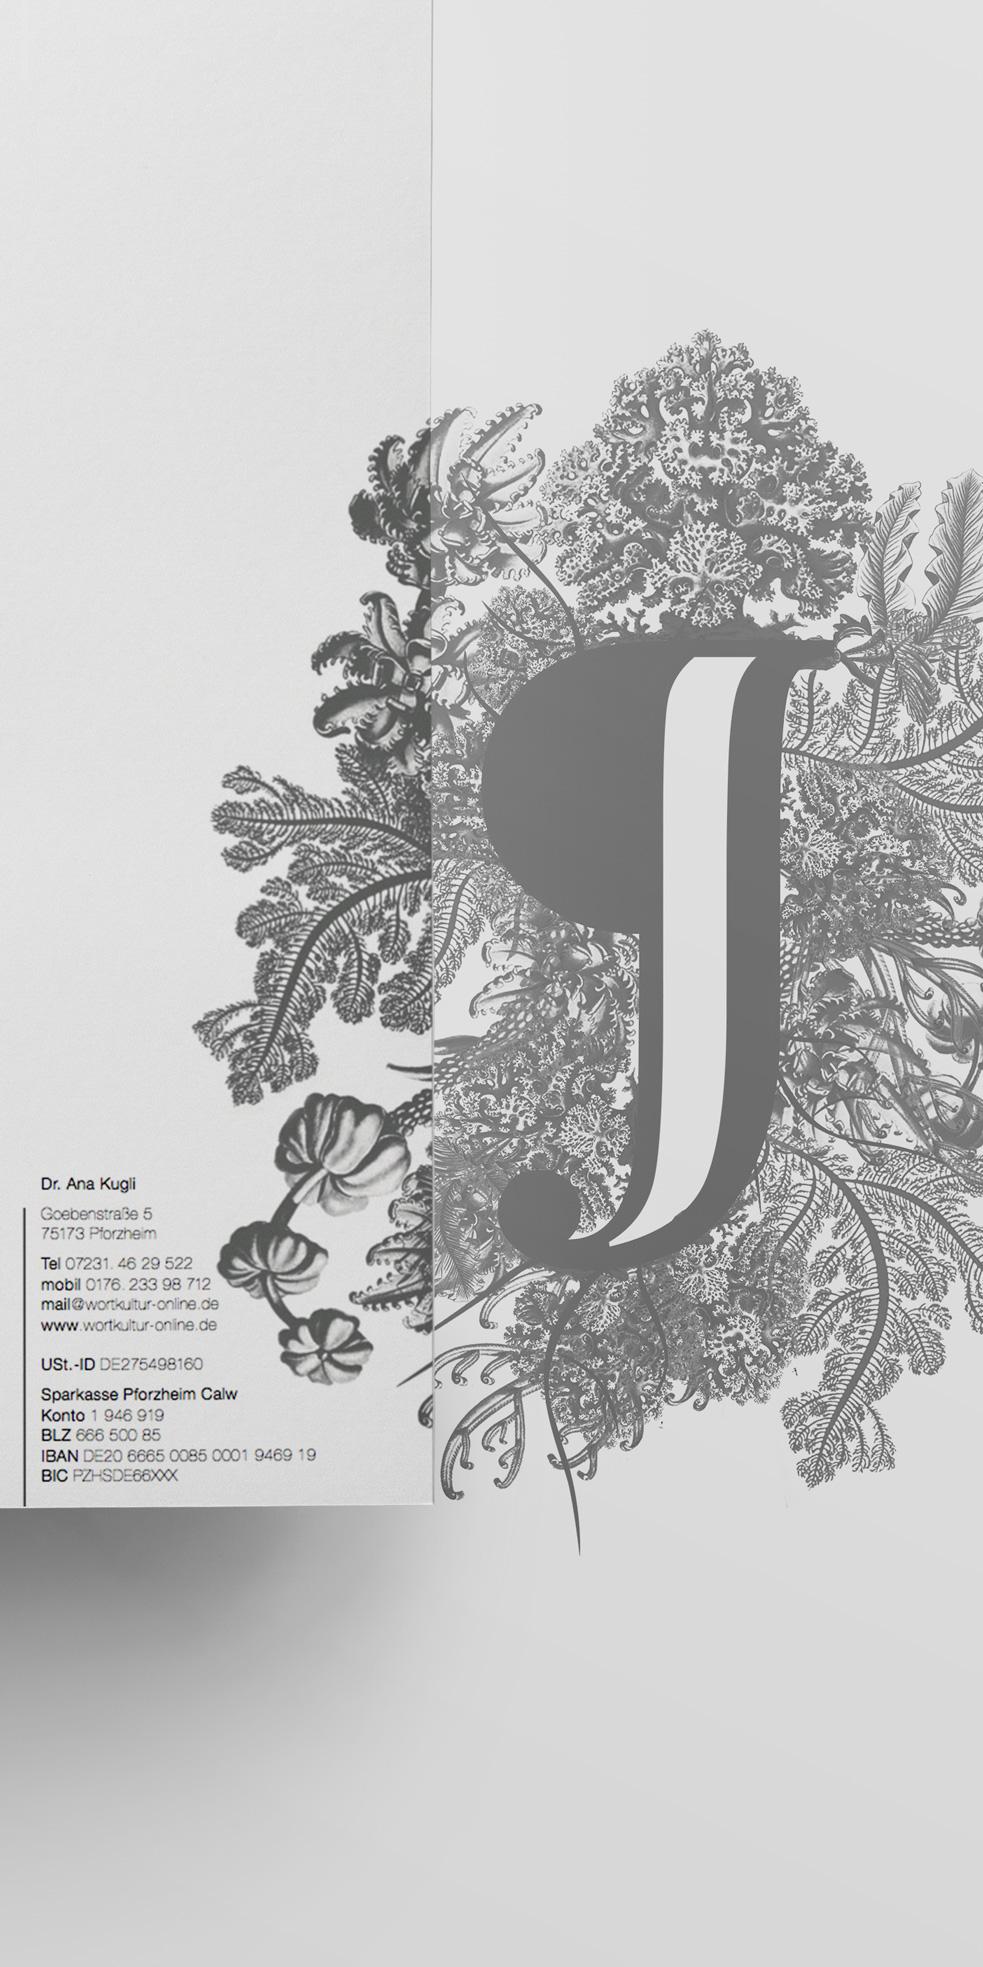 2.3DMBO-Studio-für-Gestaltung-wortkultur-ana-kugli